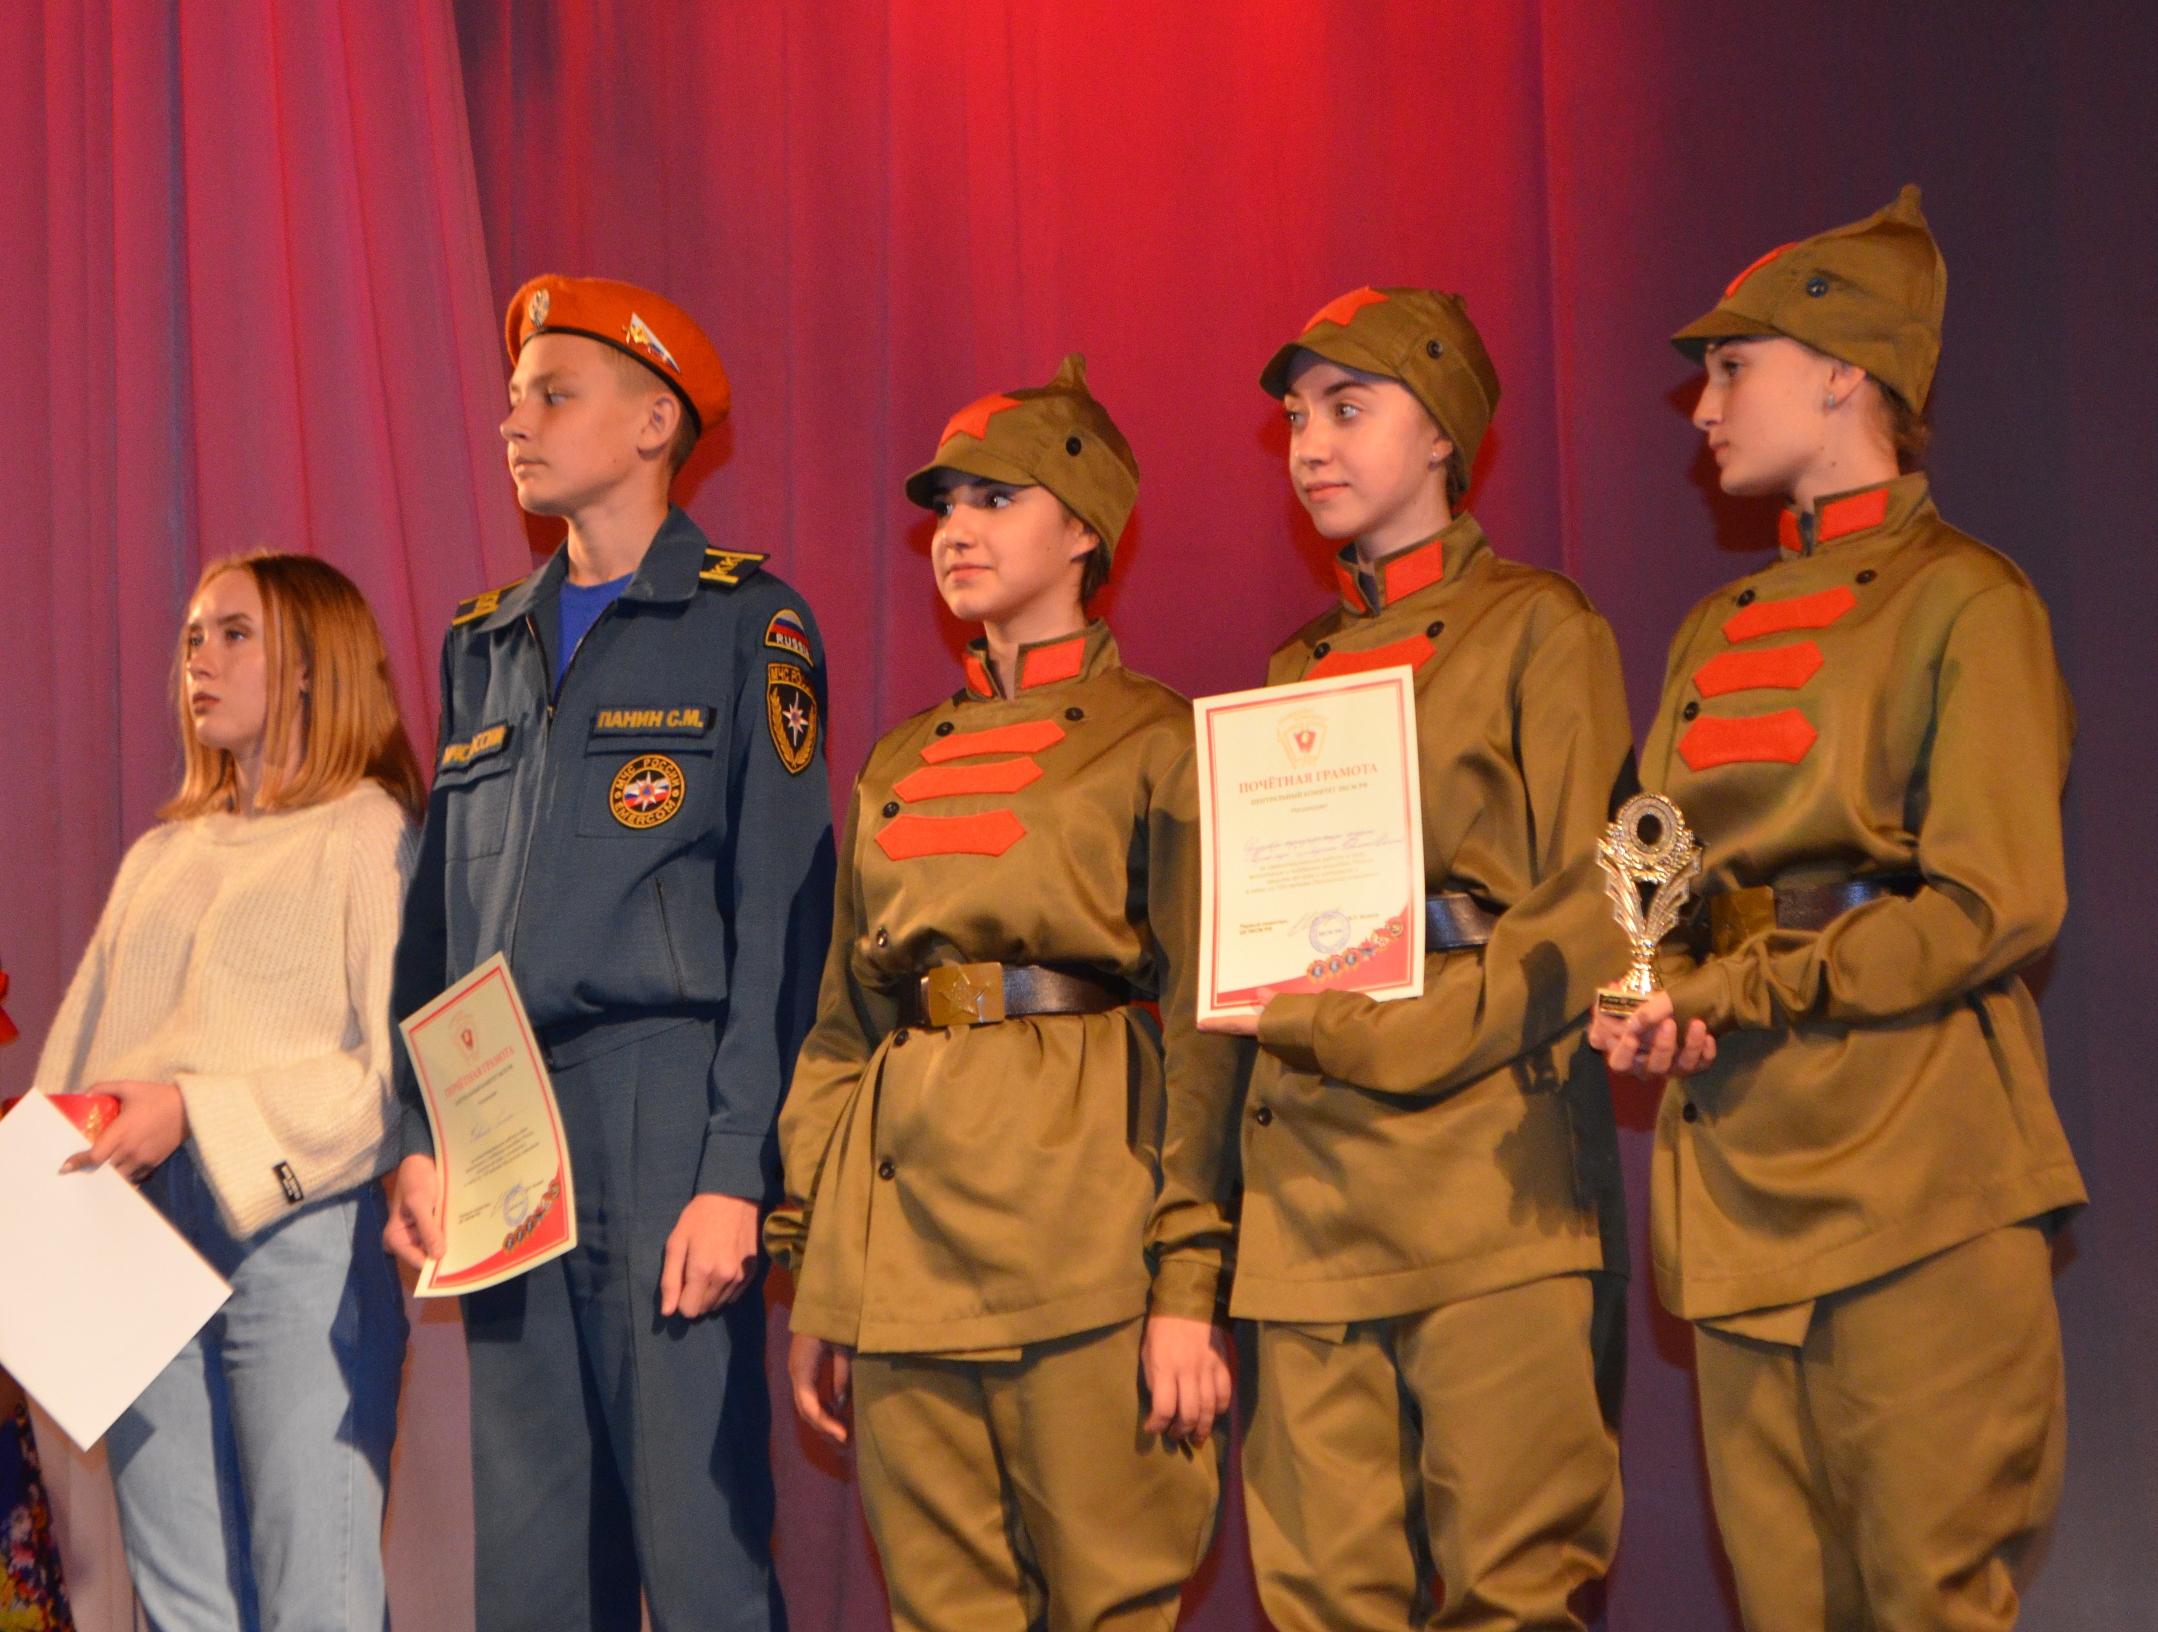 Торжественный концертотделения КПРФ выставляют голосованием за репрессии в проУкраинском твиттере